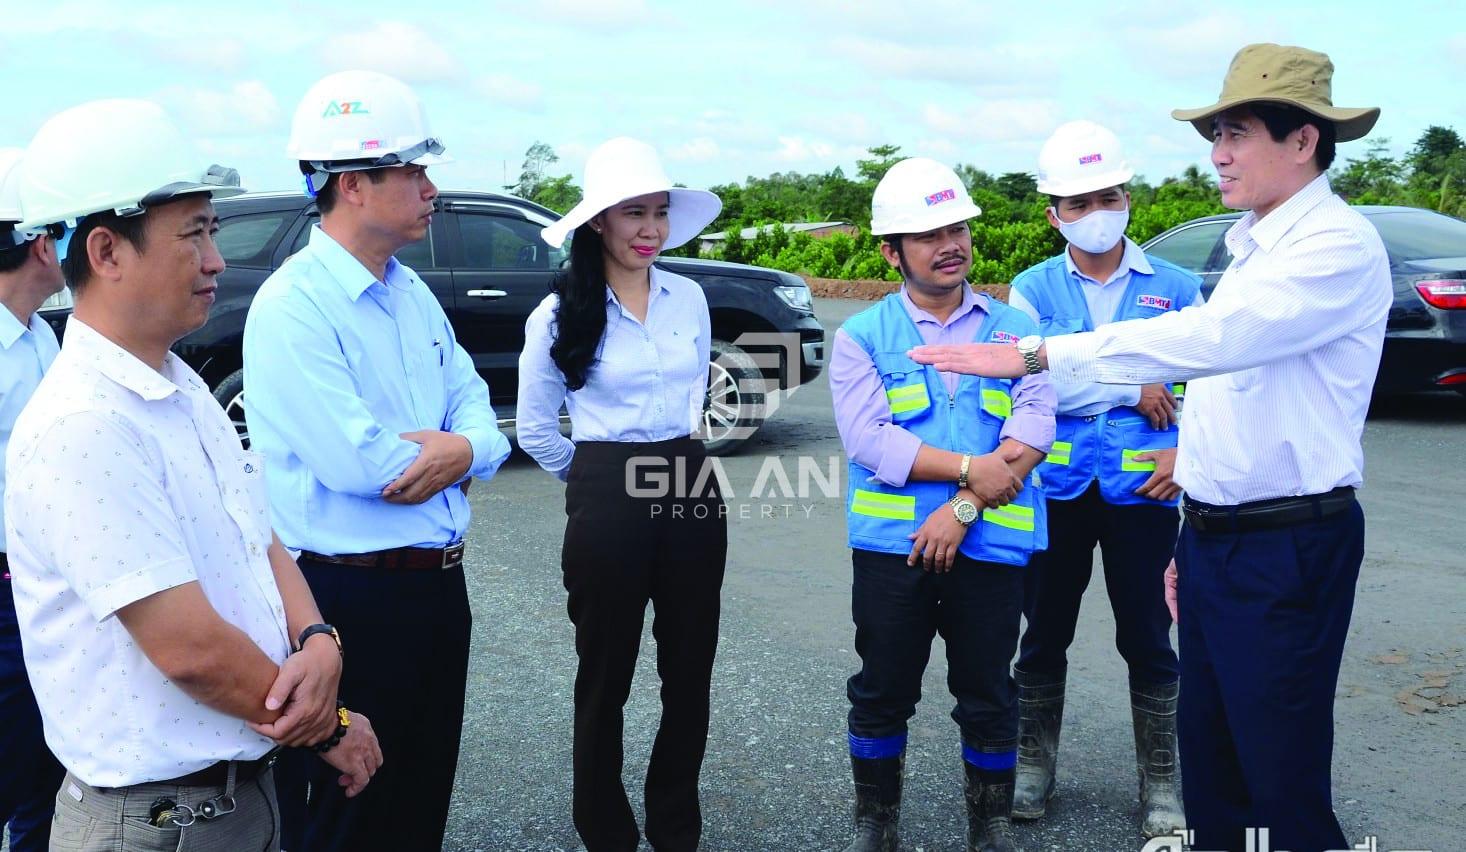 p/Ông Lê Văn Hưởng (ngoài cùng bên phải), Chủ tịch UBND tỉnh Tiền Giang kiểm tra tiến độ thi công Dự án đường cao tốc Trung Lương - Mỹ Thuận.